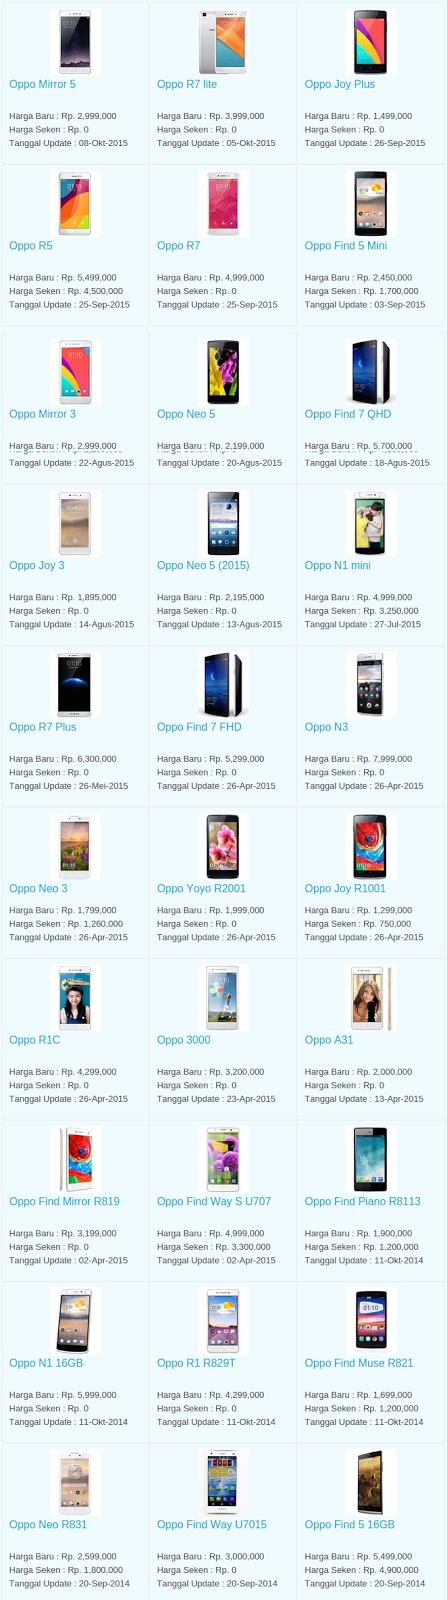 Daftar Terbaru Harga Hp Oppo Oktober 2015